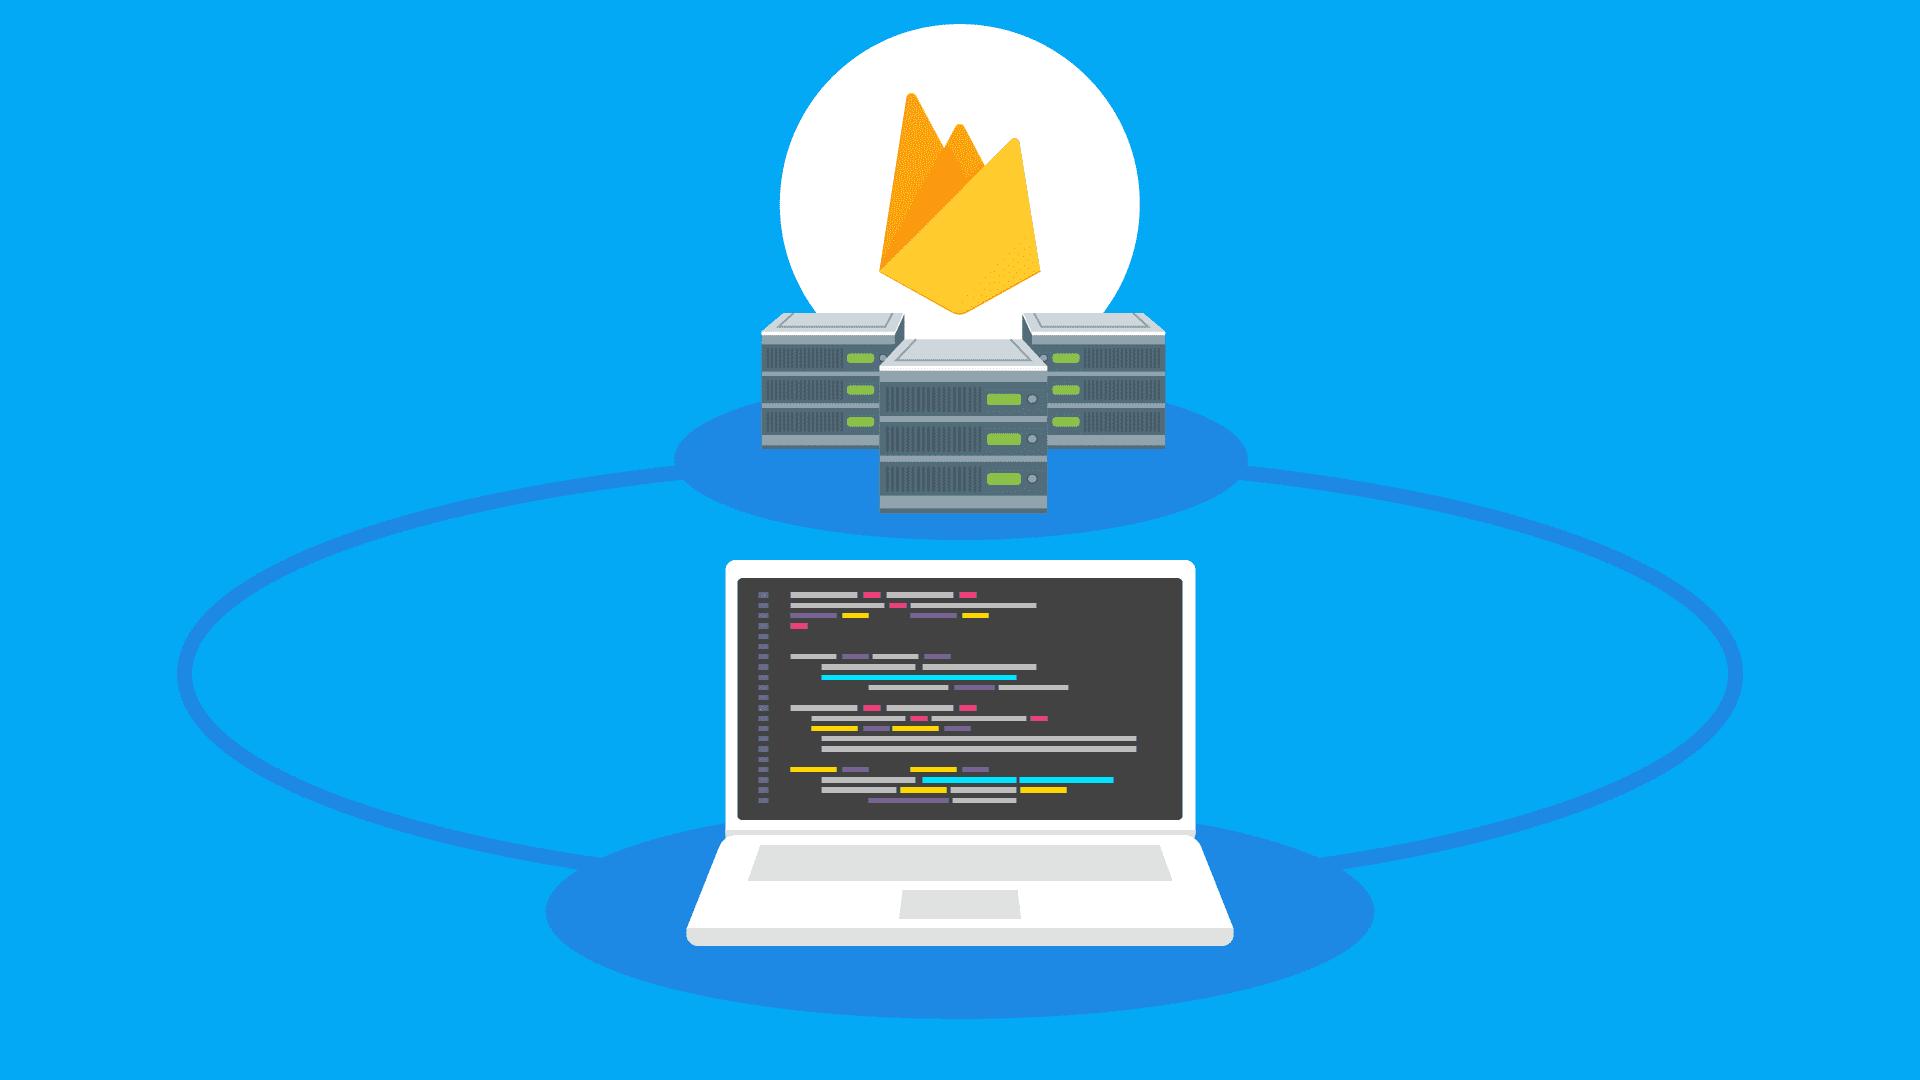 Illustration von Servern und Laptop